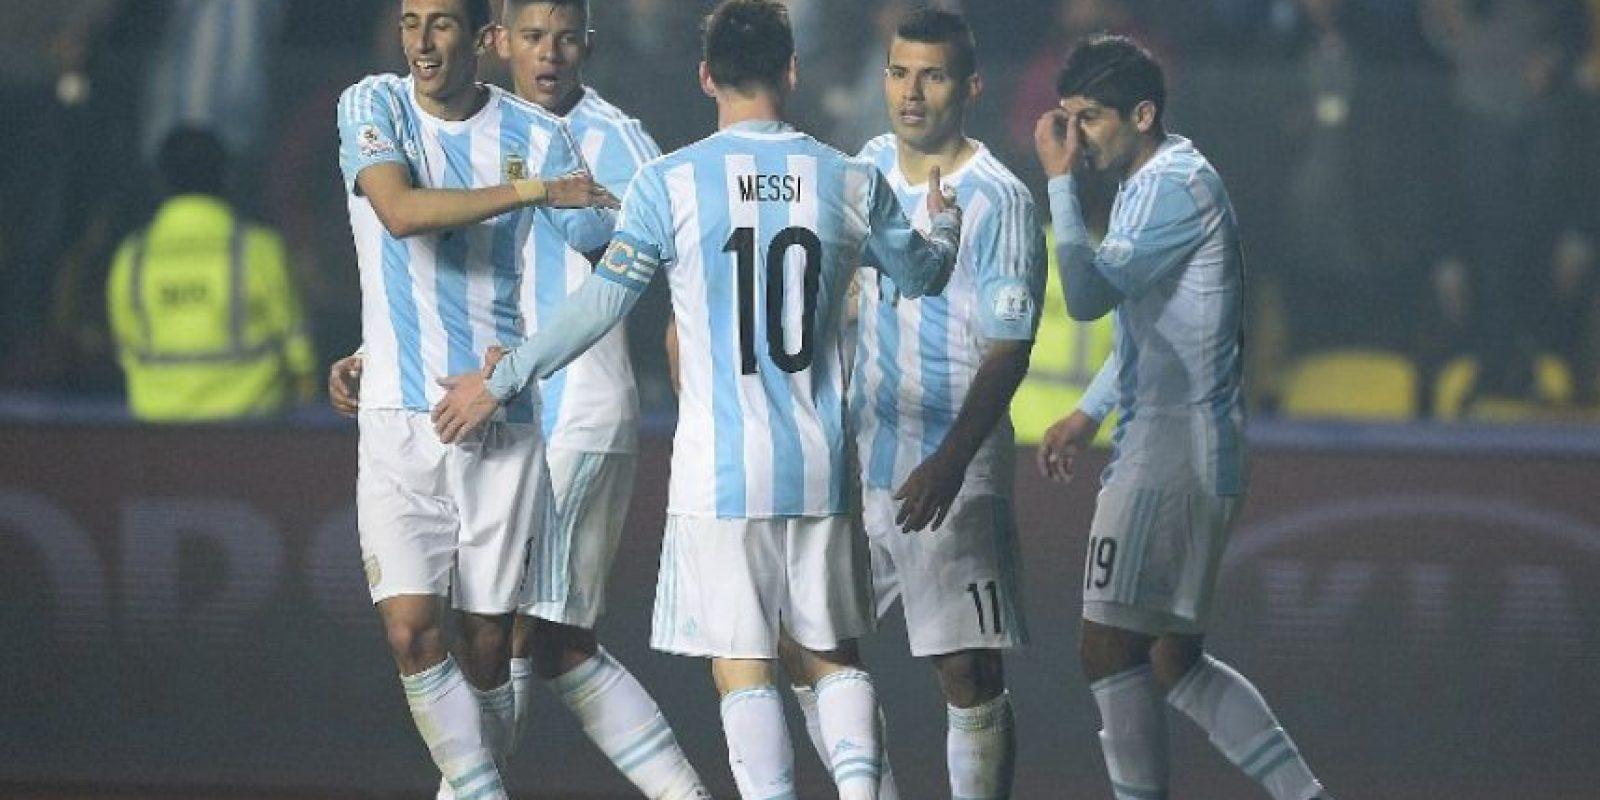 Se han enfrentado en 37 ocasiones, con 27 victorias para Argentina, nueve empates y solo una victoria de Chile. Foto:AFP